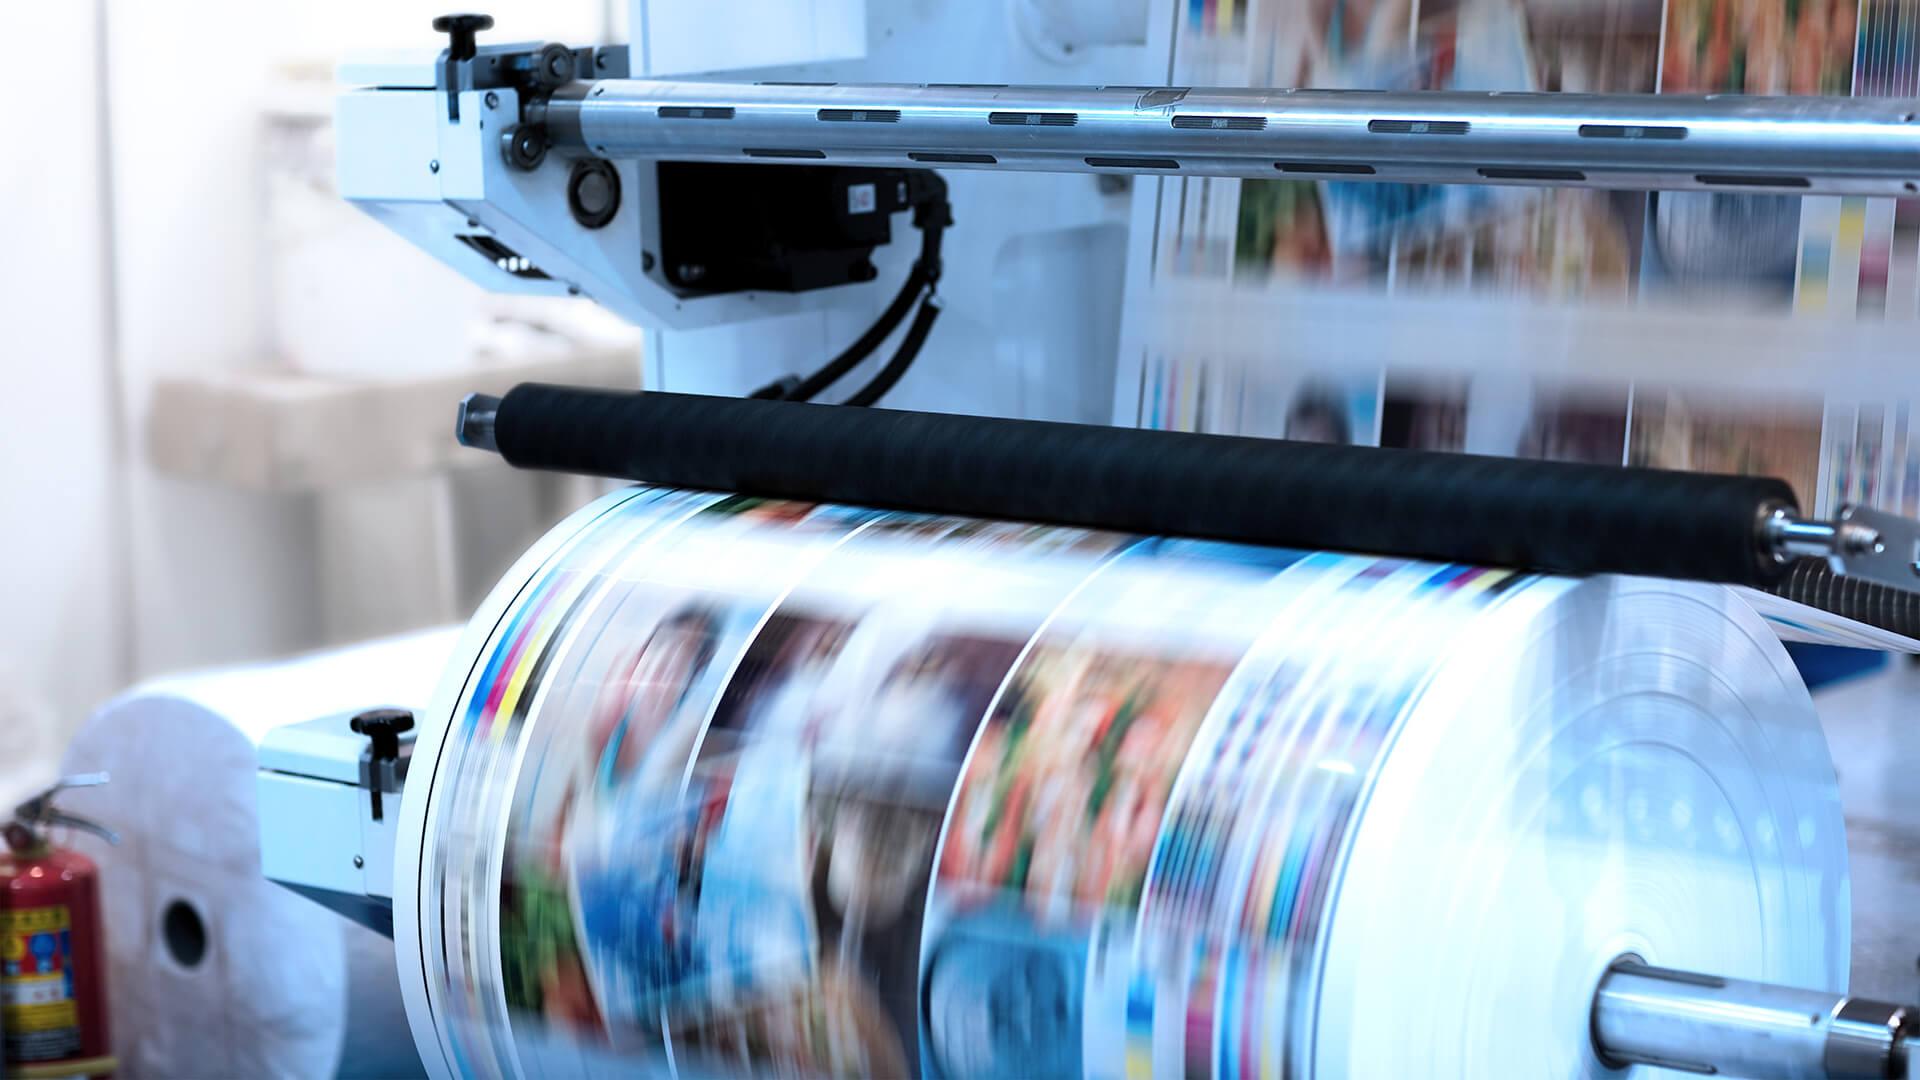 BYK Printing Inks